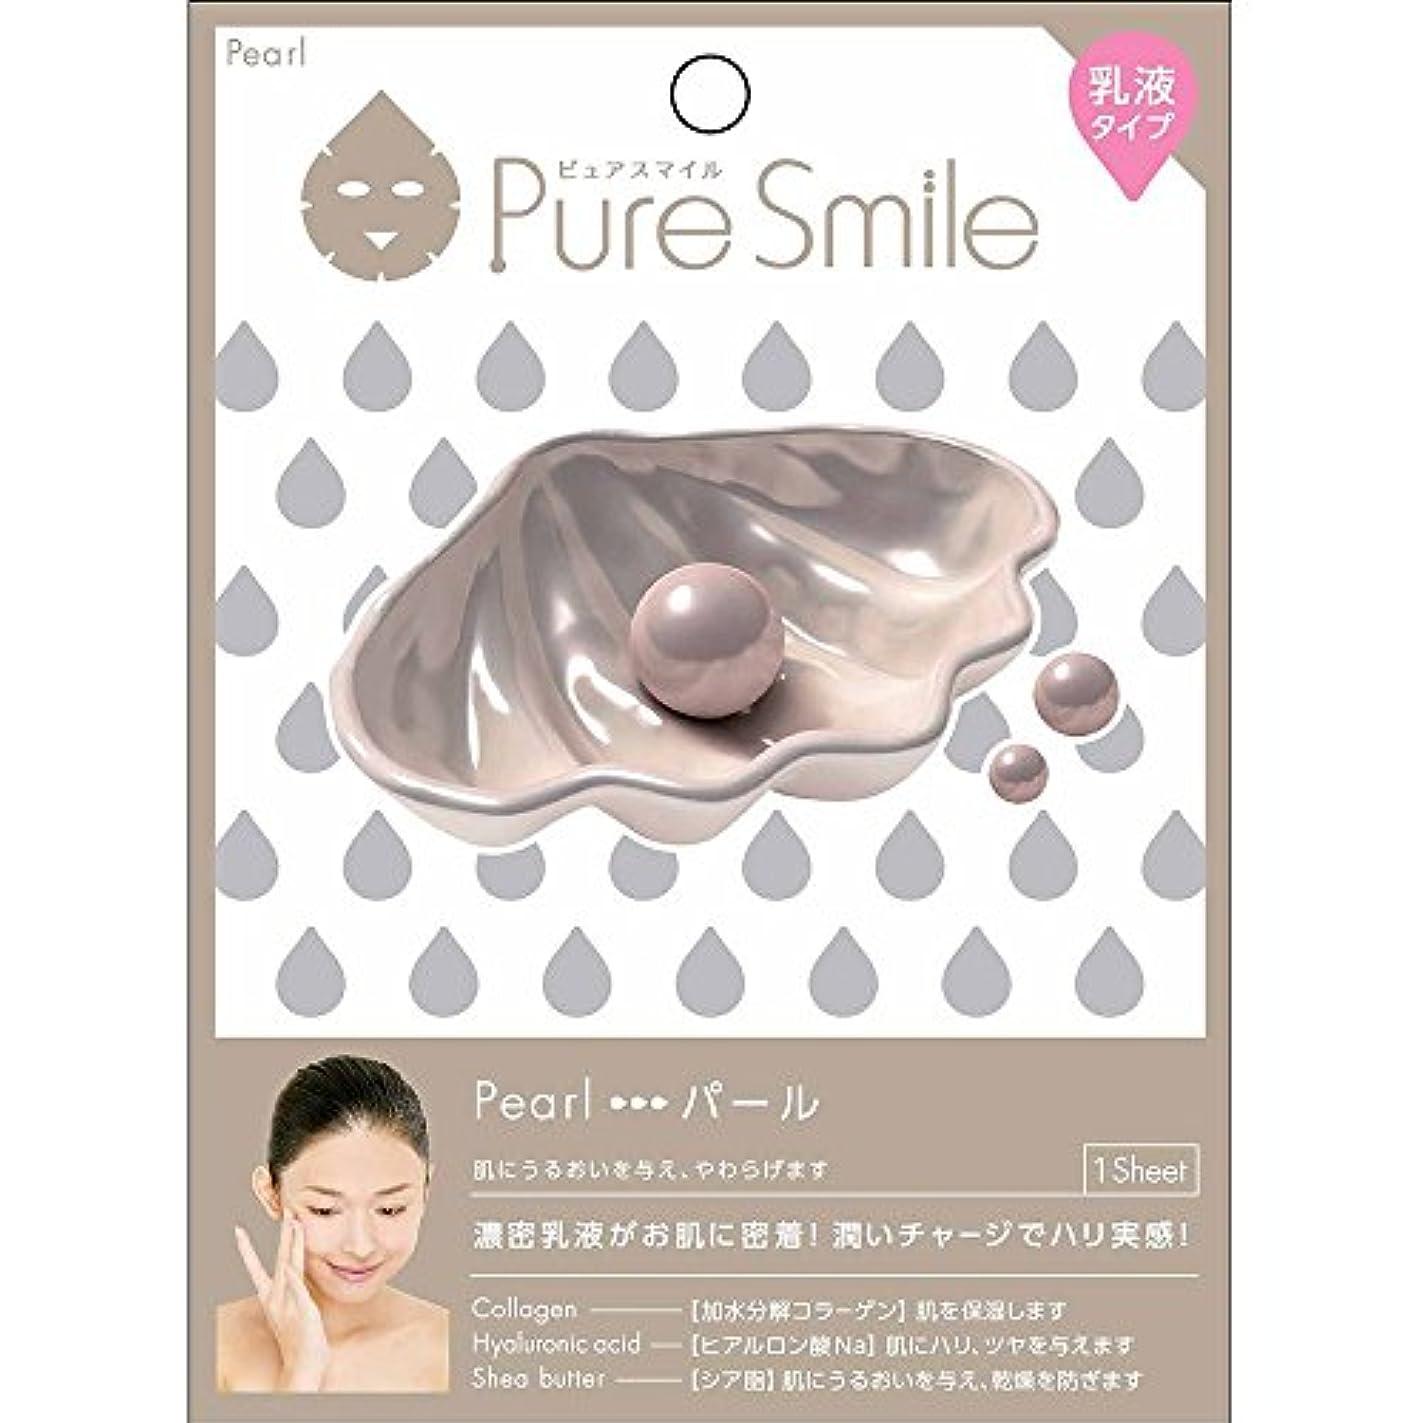 告白浪費装備するPure Smile(ピュアスマイル) 乳液エッセンスマスク 1 枚 パール